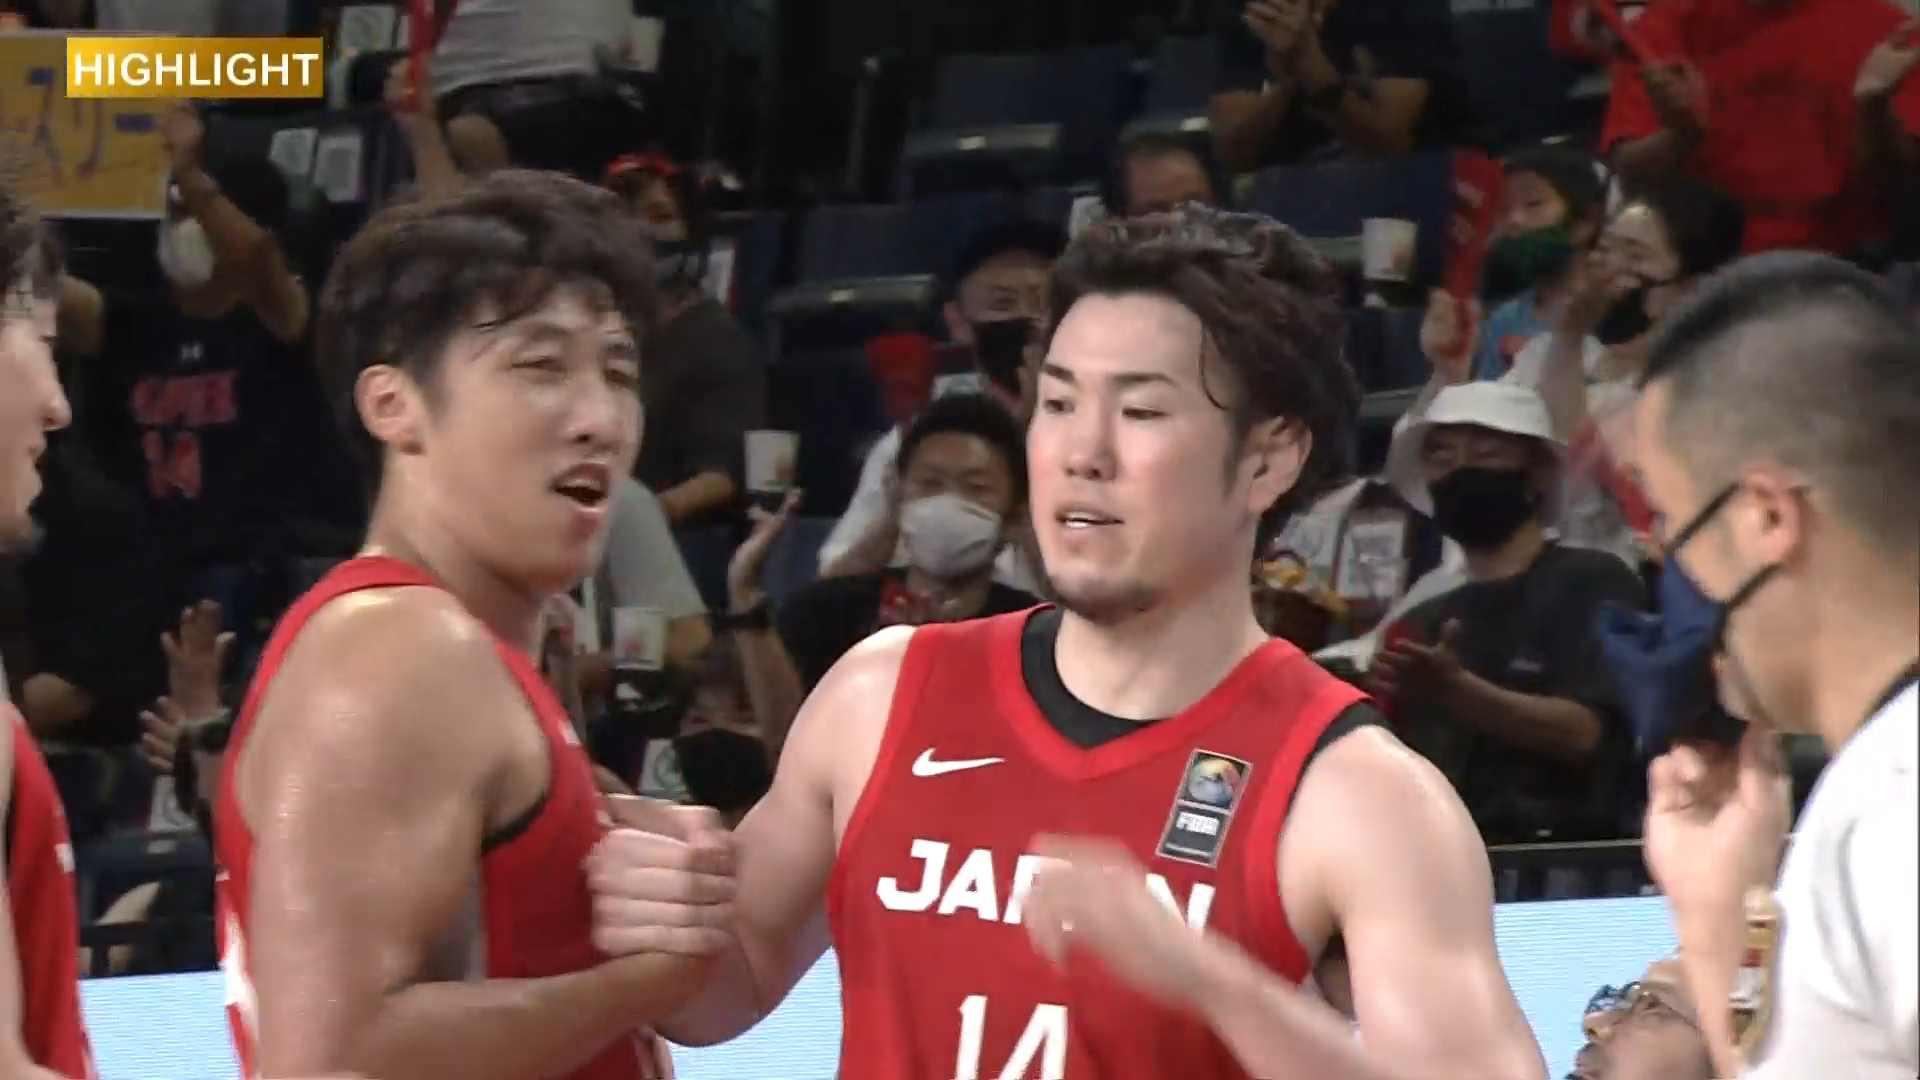 【ハイライト】【バスケ男子国際強化試合2021】日本 vs フィンランド(2021.7.11)